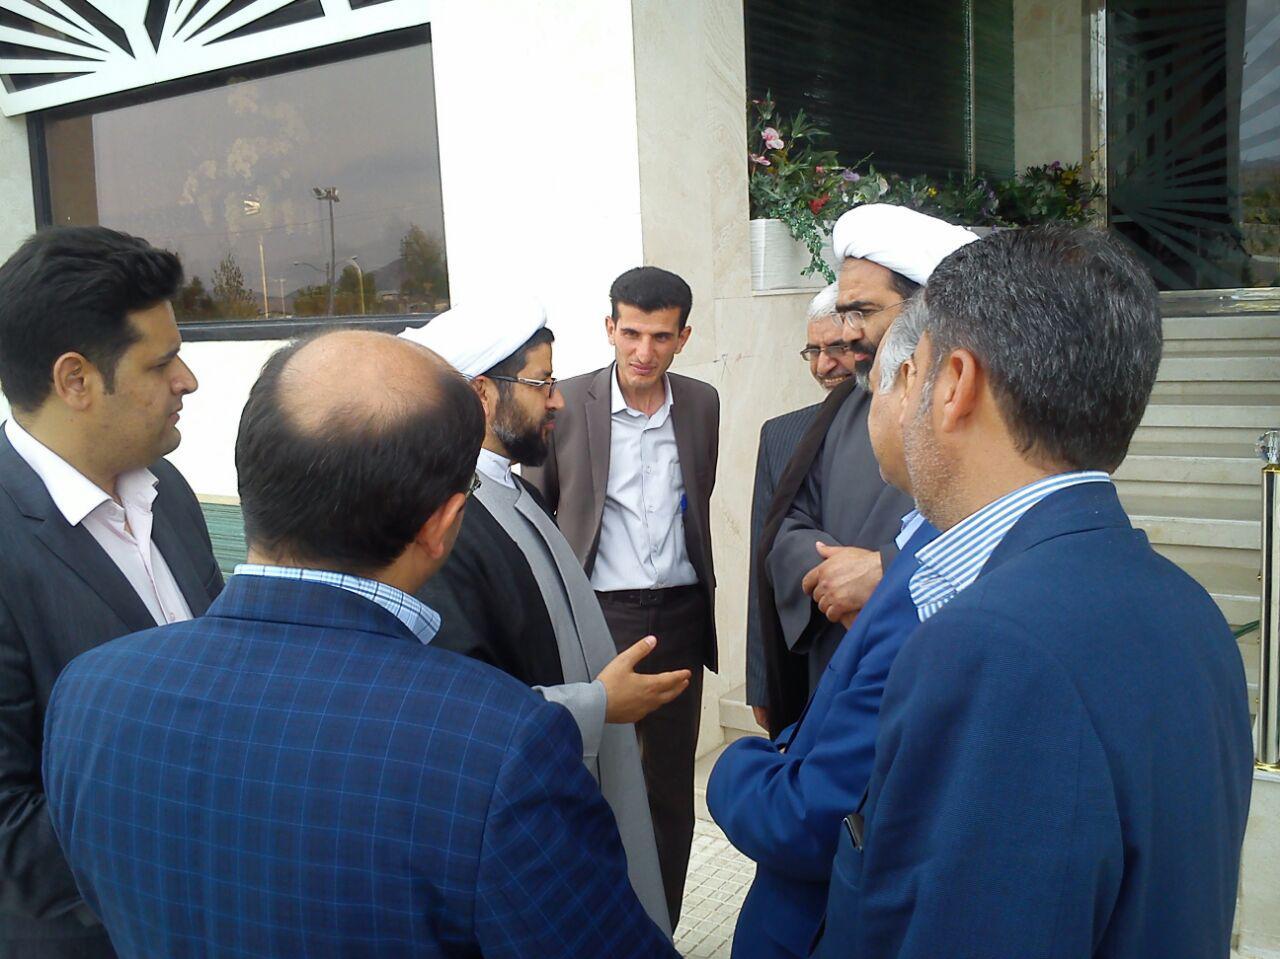 پیشنهادات امام جمعه شهر قهدریجان به امام جمعه شهر تیران در زمینه ساخت مصلی شهر و تذکر به مسئولین شه�